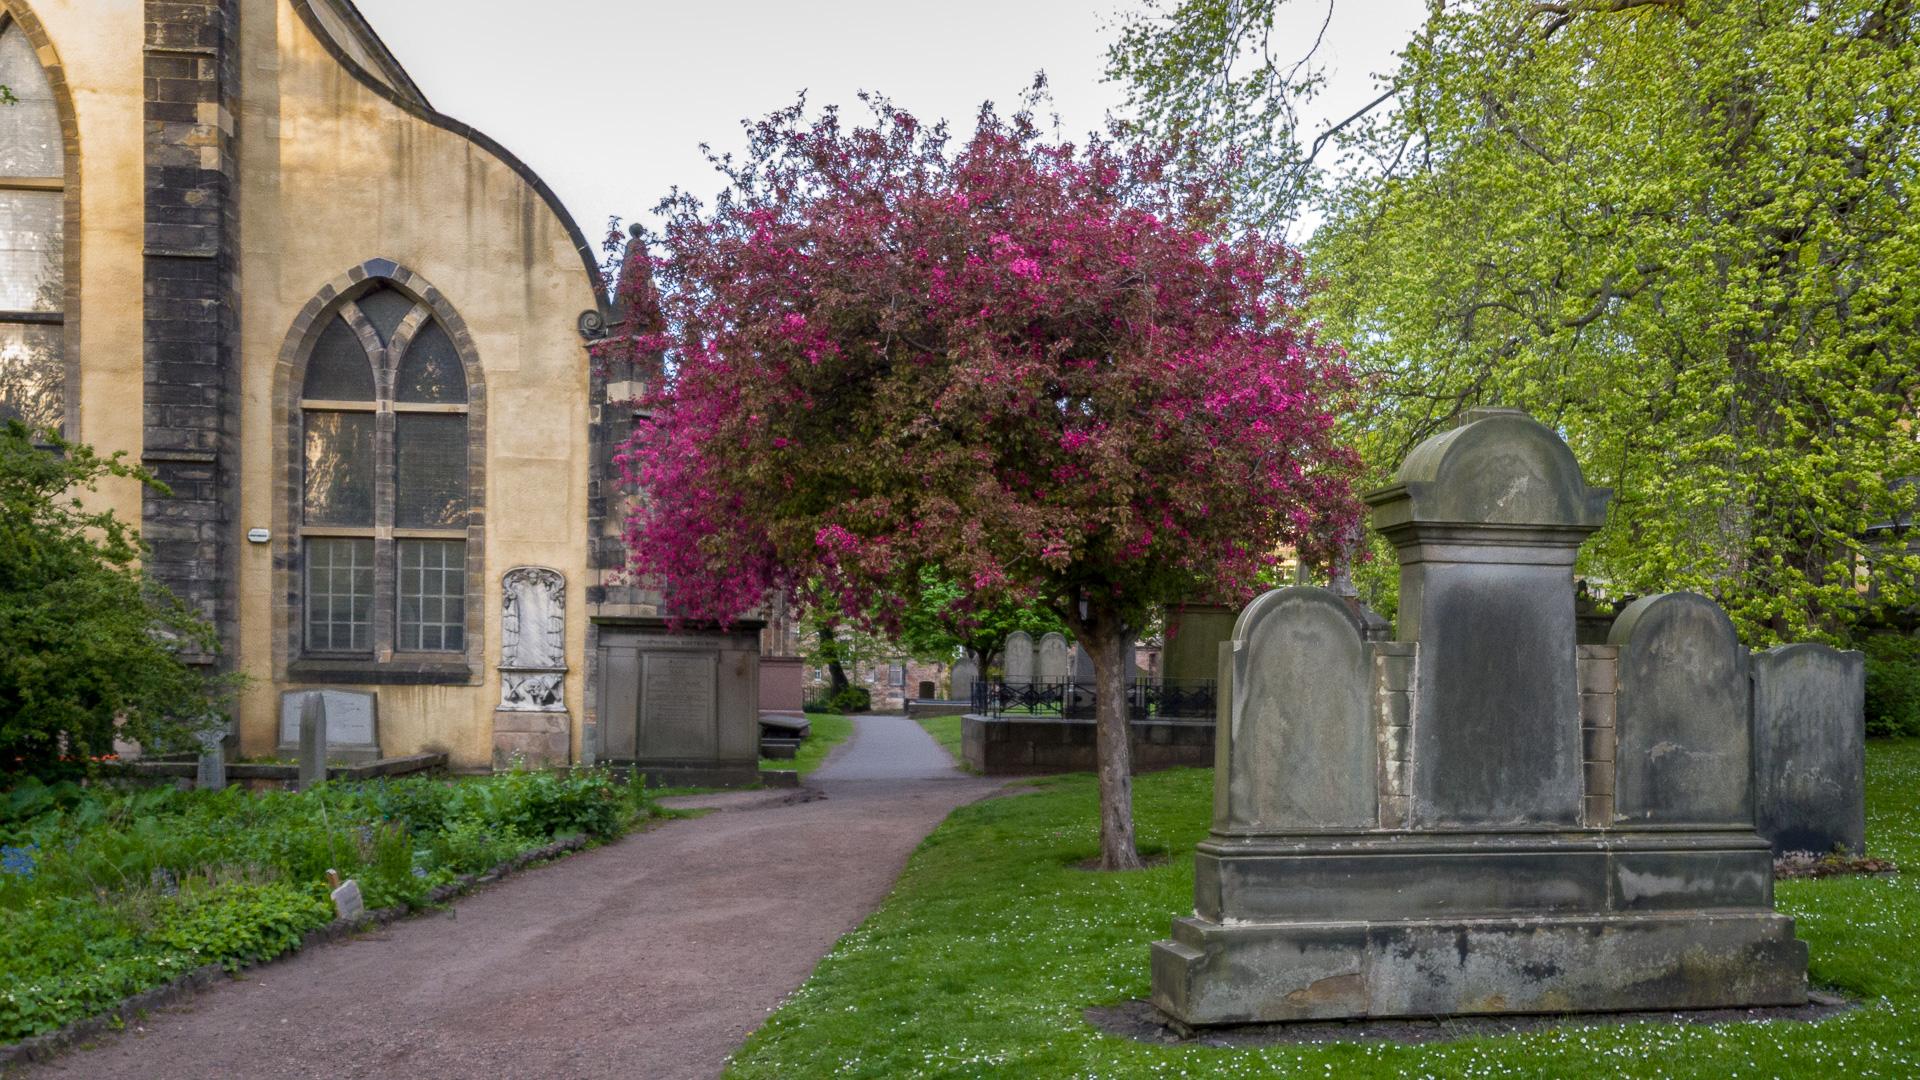 Bäume und Grabsteine machen den Friedhof zur grünen Insel